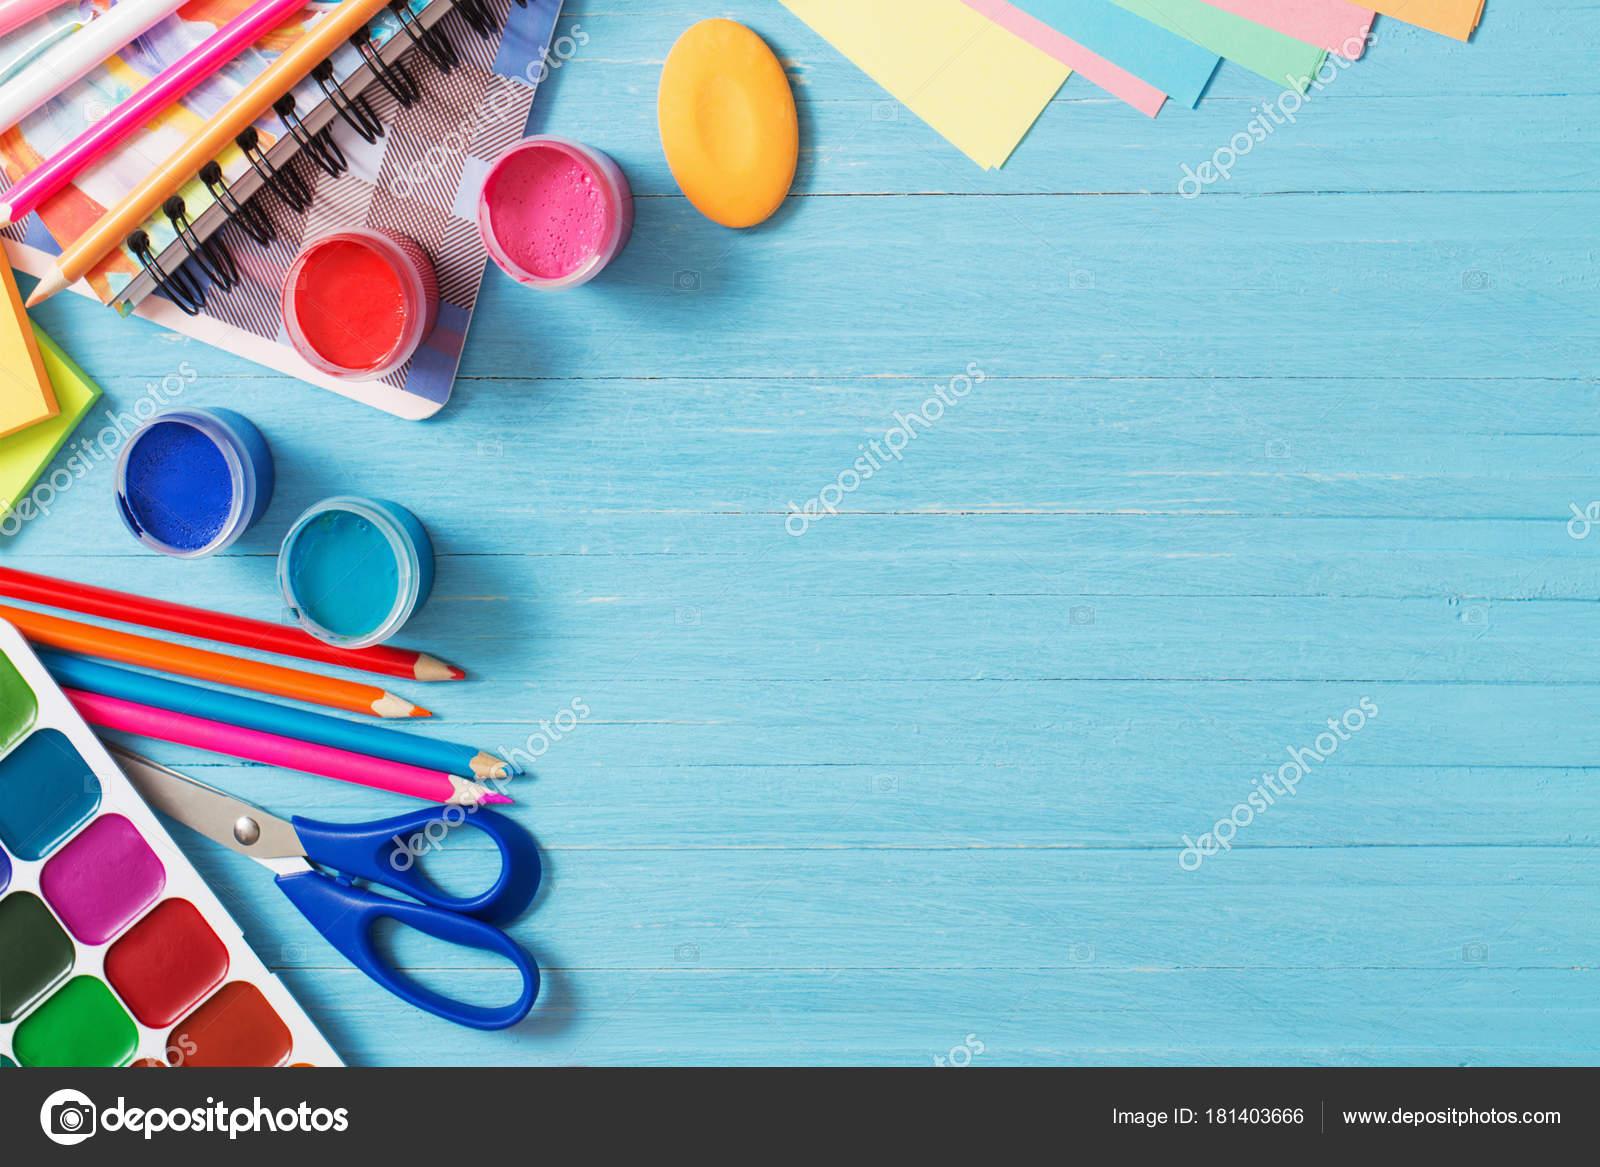 Fondo Utiles Escolares Vector: Colección De útiles Escolares